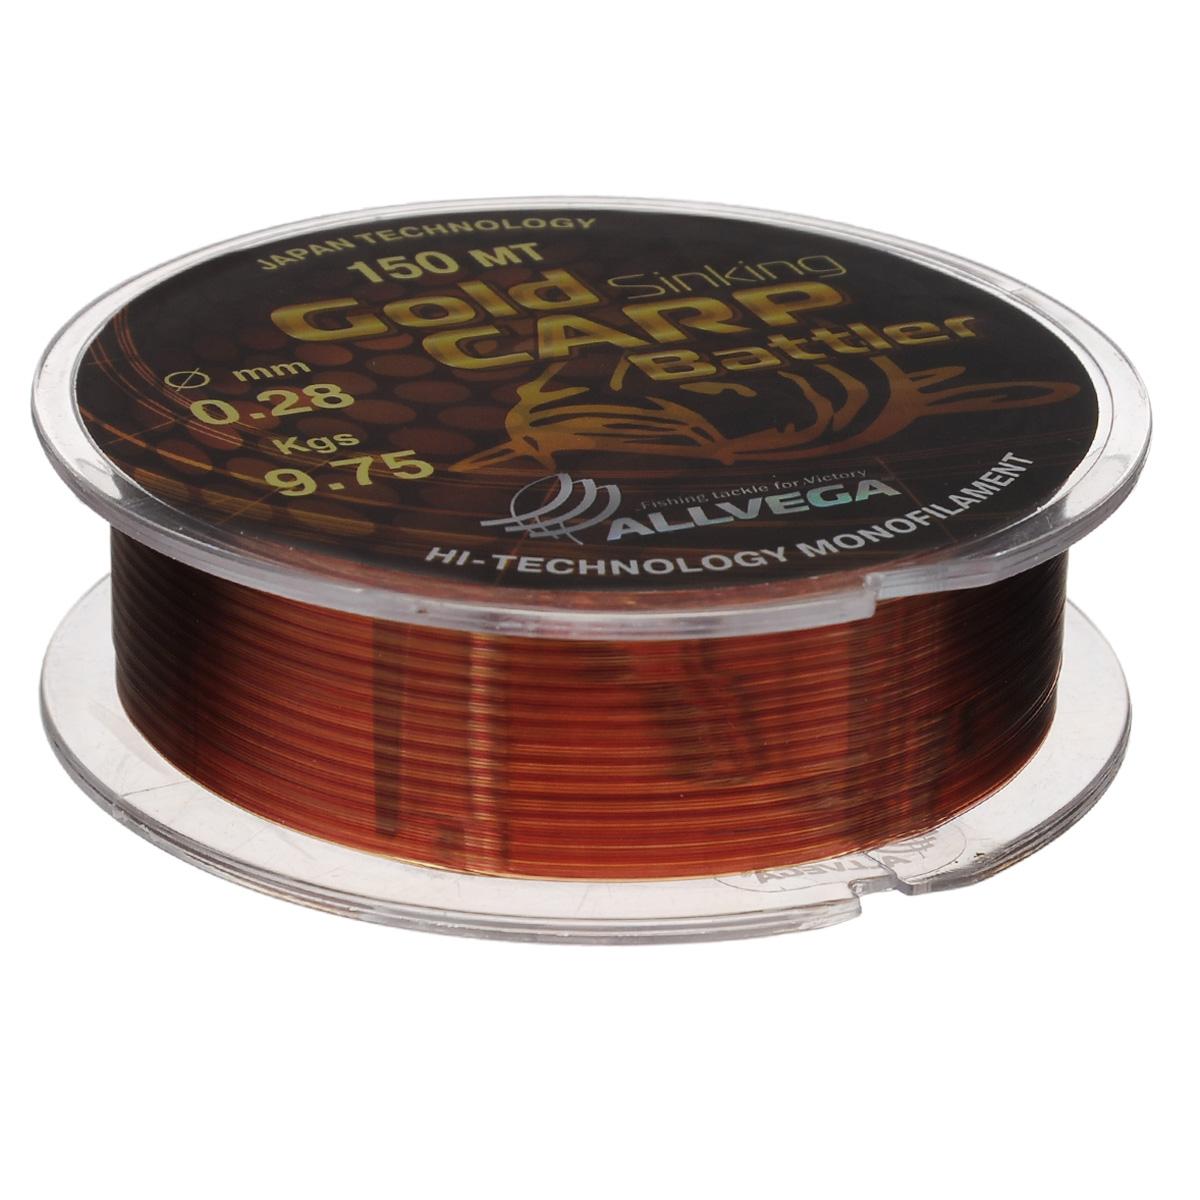 Леска Allvega Gold Karp Battler, цвет: коричневый, 150 м, 0,28 мм, 9,75 кг218032Карповая леска Allvega Gold Karp Battler была разработана для ловли действительно крупной рыбы. Способна противостоять большим нагрузкам в условиях густой растительности и коряжнике. Специальный цвет имеет неоднородную структуру, что позволяет быть не заметной на дне. Хорошо тонет, что является важным критерием для выбора карповой лески.